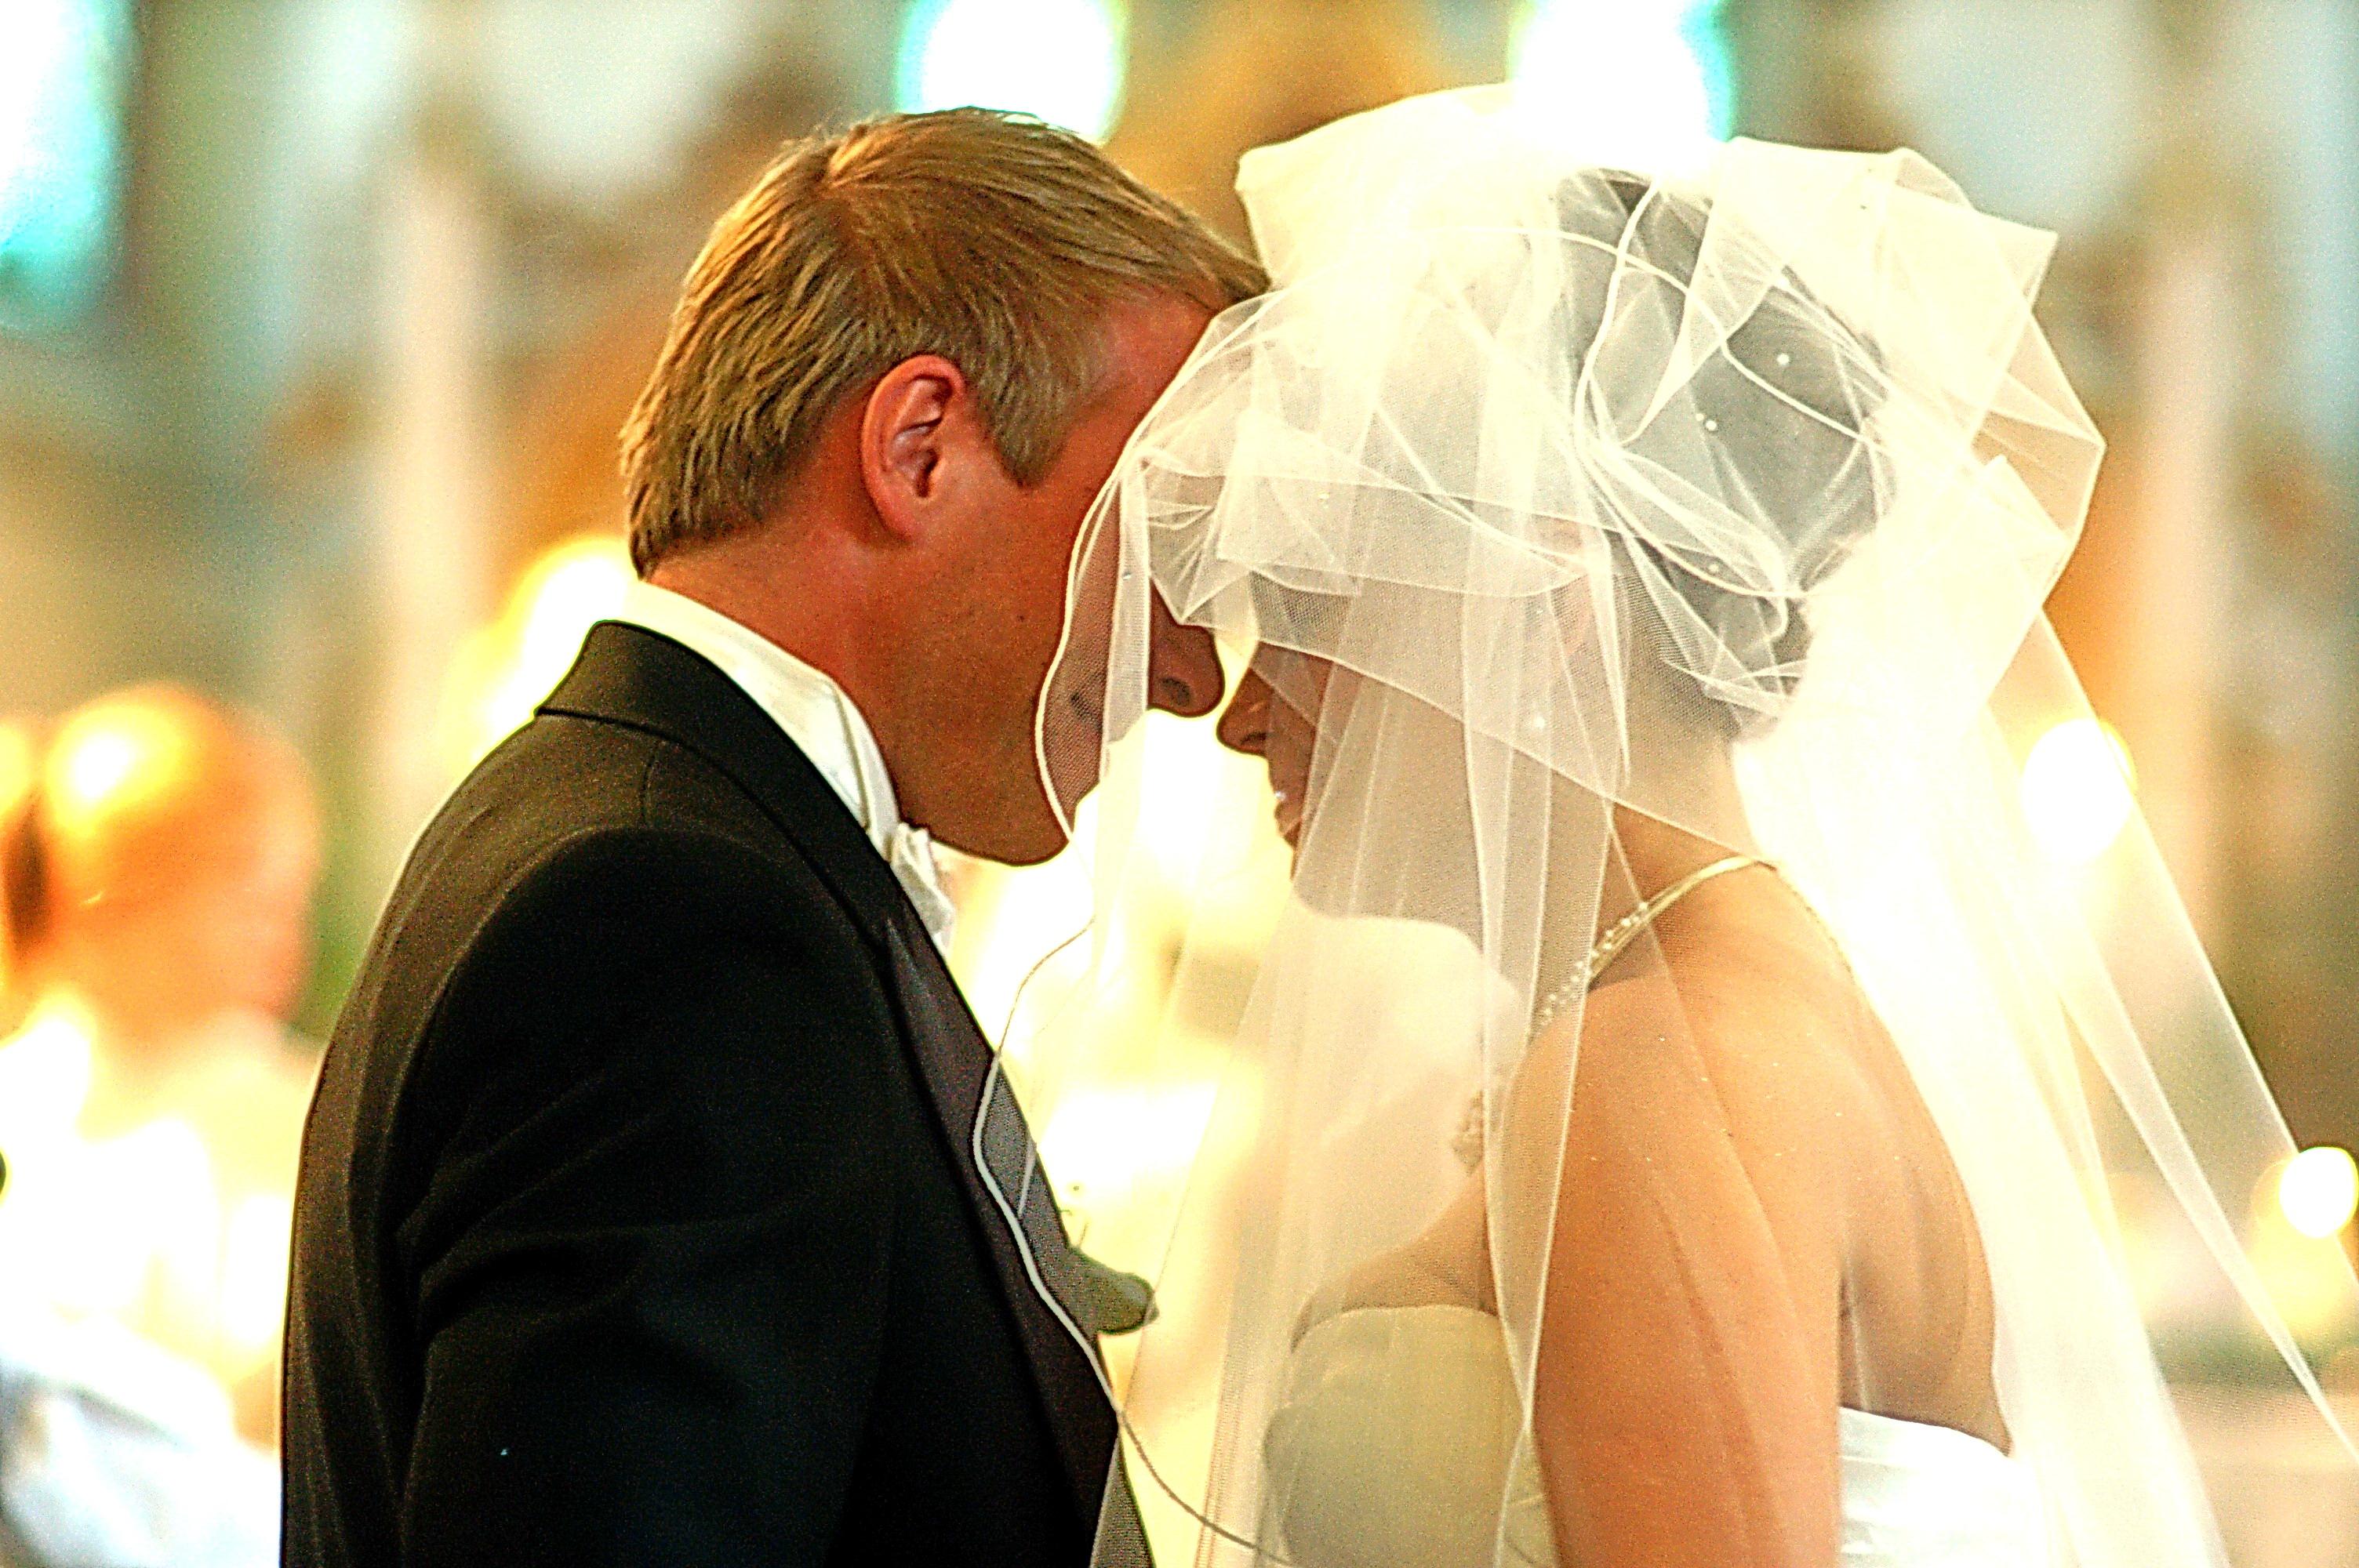 Kuss mit Schleier in der Kirche